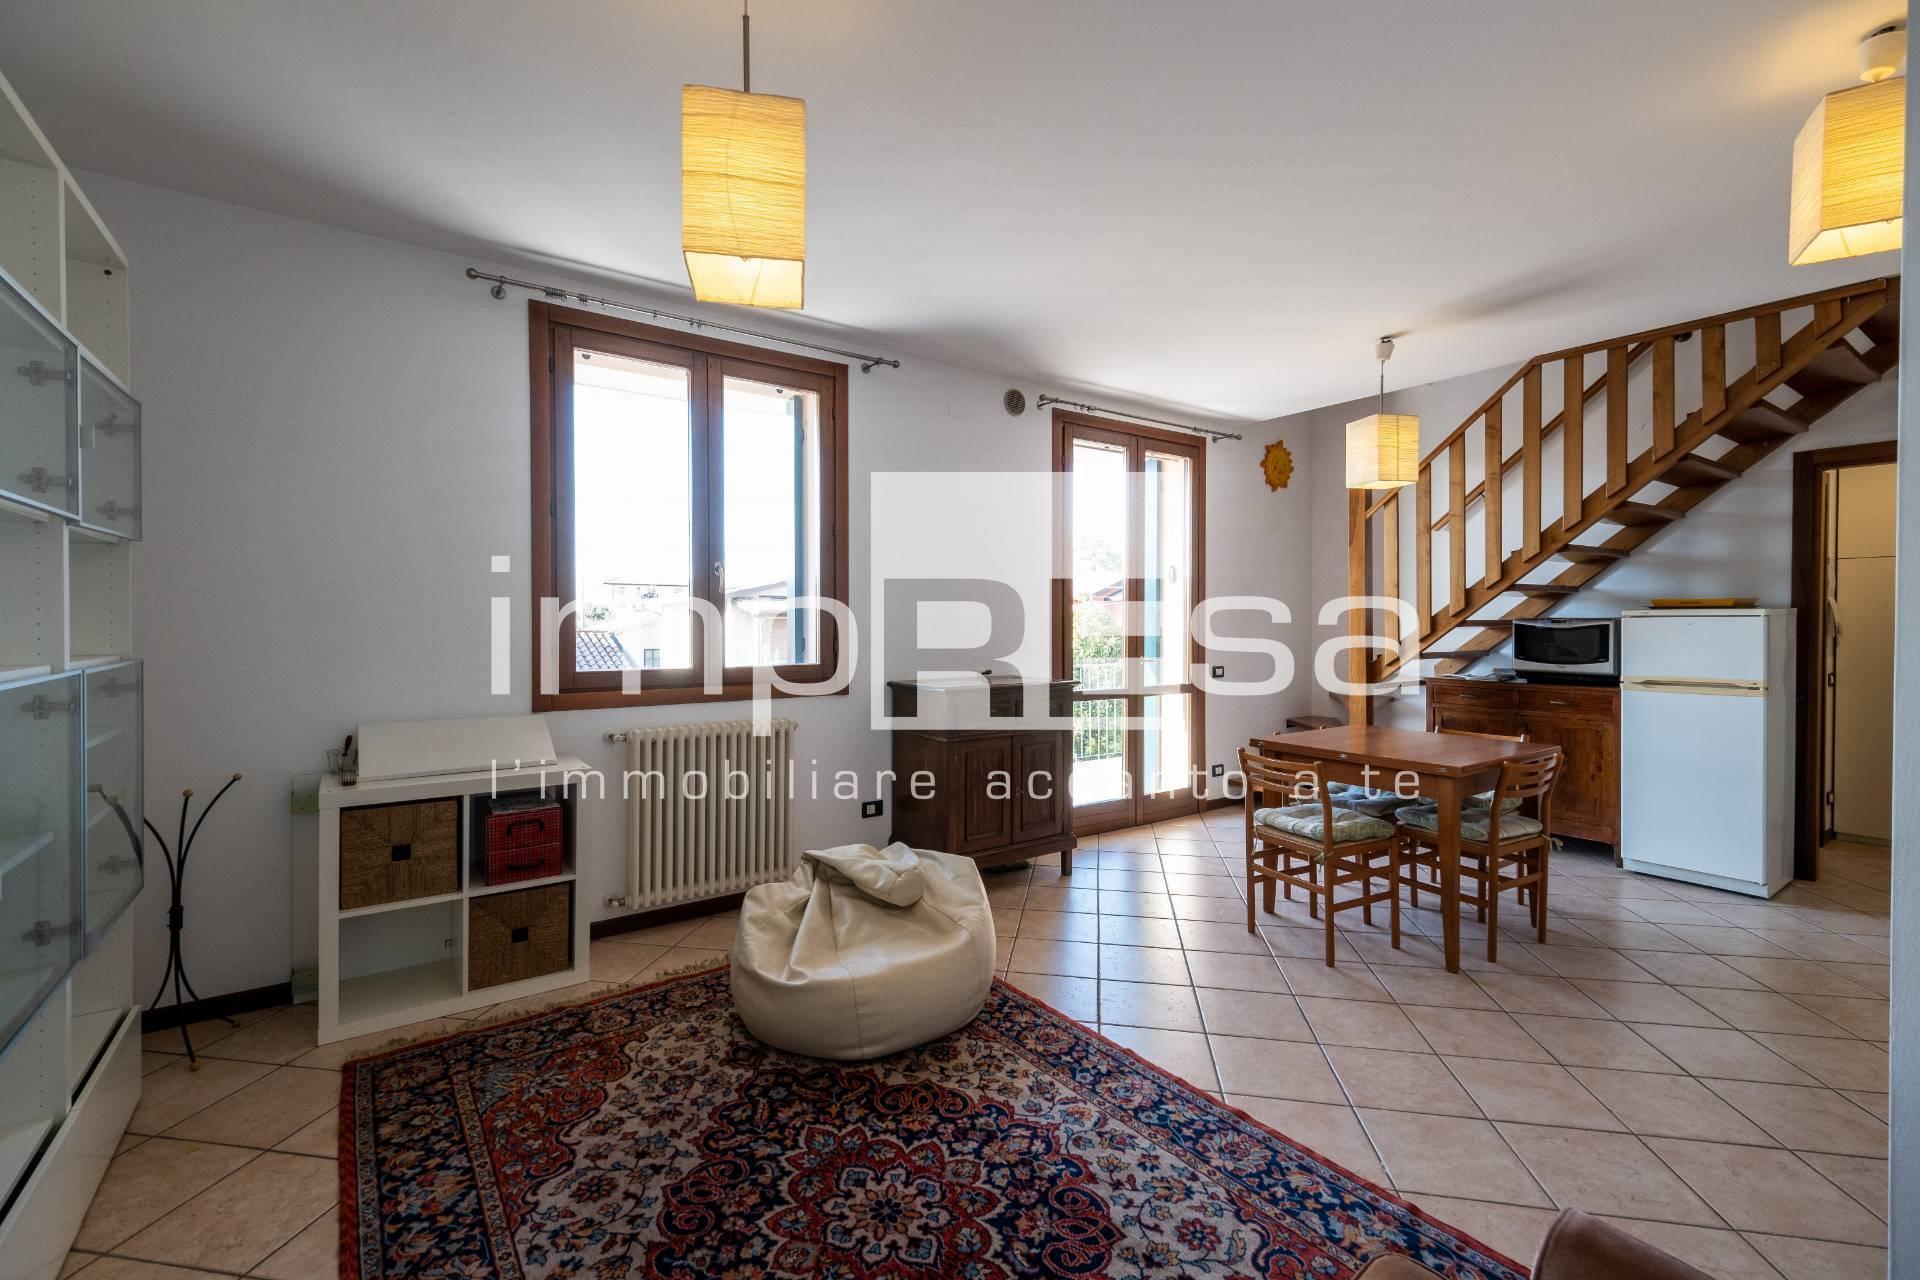 Appartamento in vendita a Maserada sul Piave, 3 locali, zona Zona: Varago, prezzo € 110.000 | CambioCasa.it